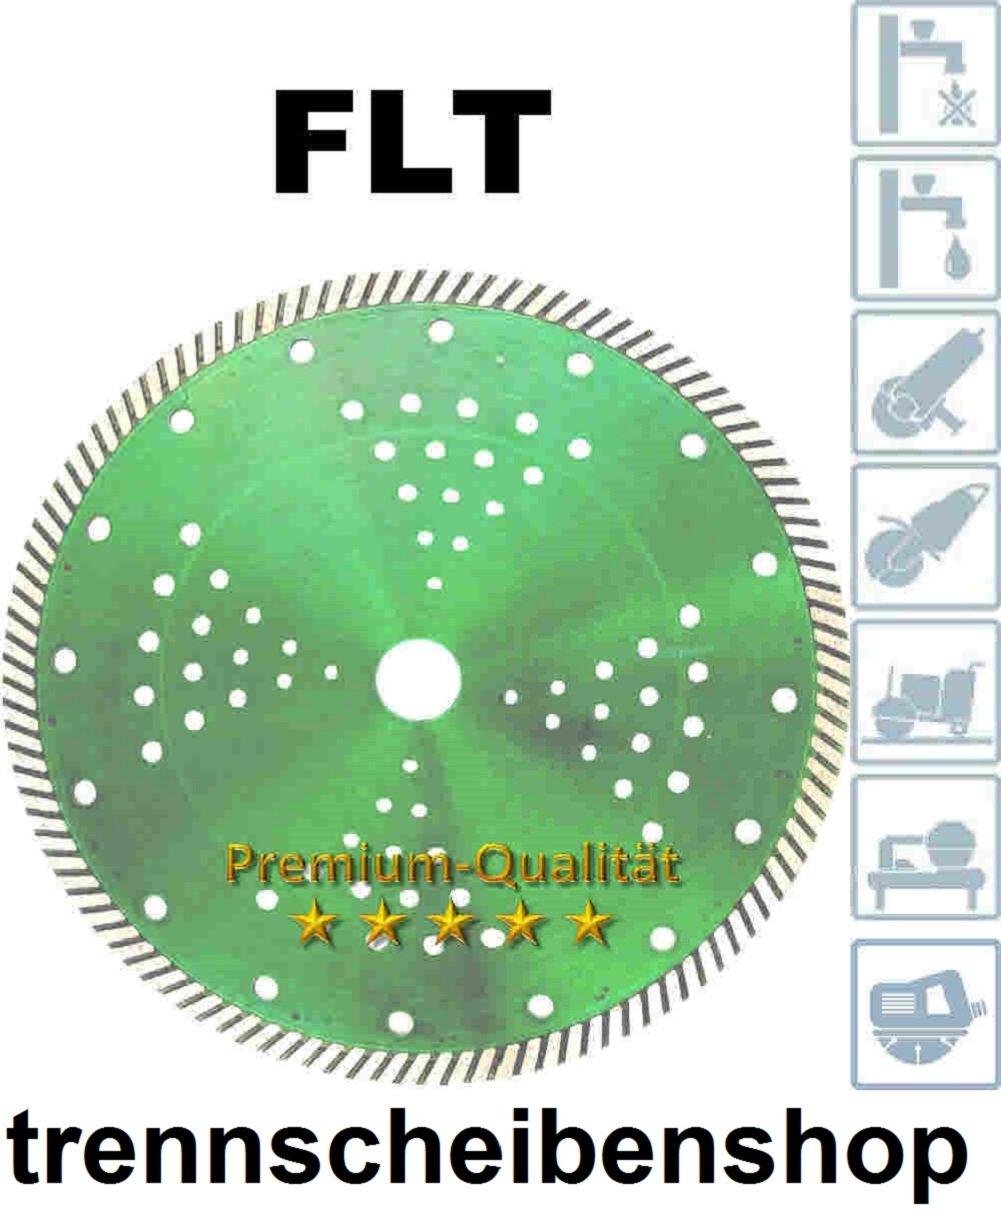 FLT_SUPER Diamanttrennscheibe Ø 350 mm. Bohrung Ø 25,4 mm. Premium. Geschlossenen Turbo Schneidrand 12 mm. Extrem Dünn. Schneidet Stahlbeton, Gußrohr, Granit, Feinsteinzeug, Keramik, glasierte Klinker, harte Bodenfliesen etc  BaumarktBewertungen und Beschreibung